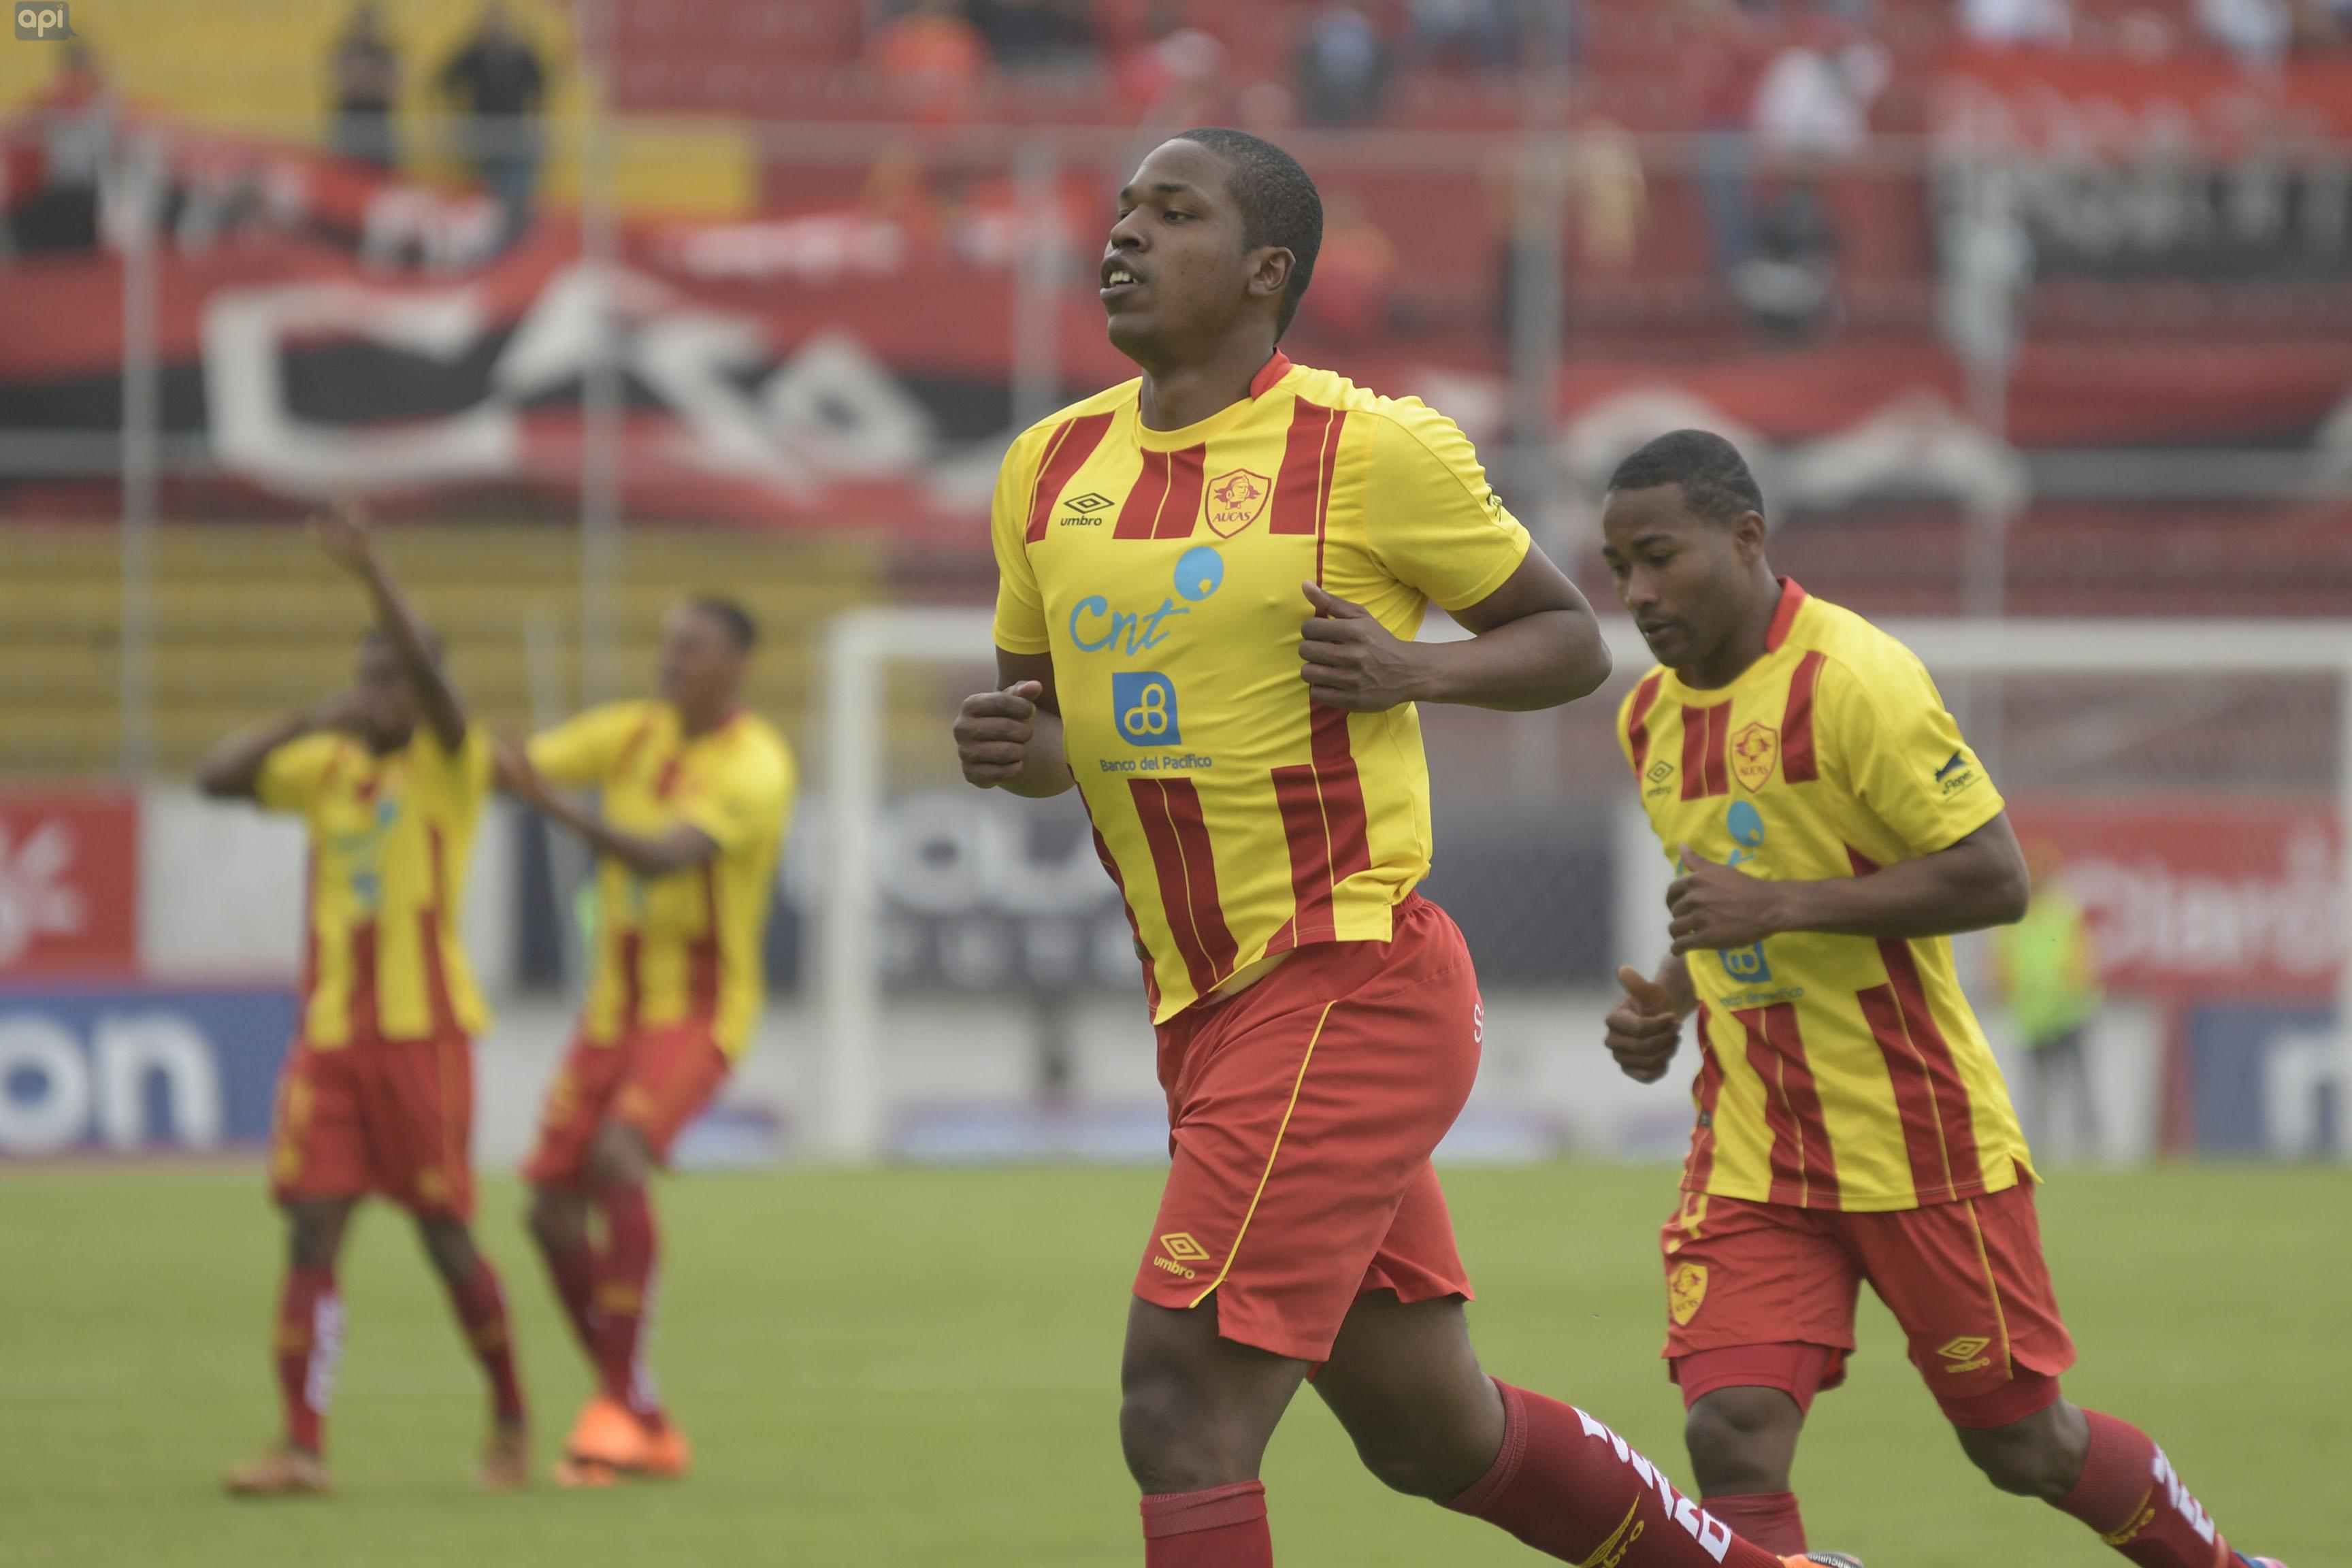 El goleador de Aucas dijo que en el transcurso de la semana se definirá su futuro